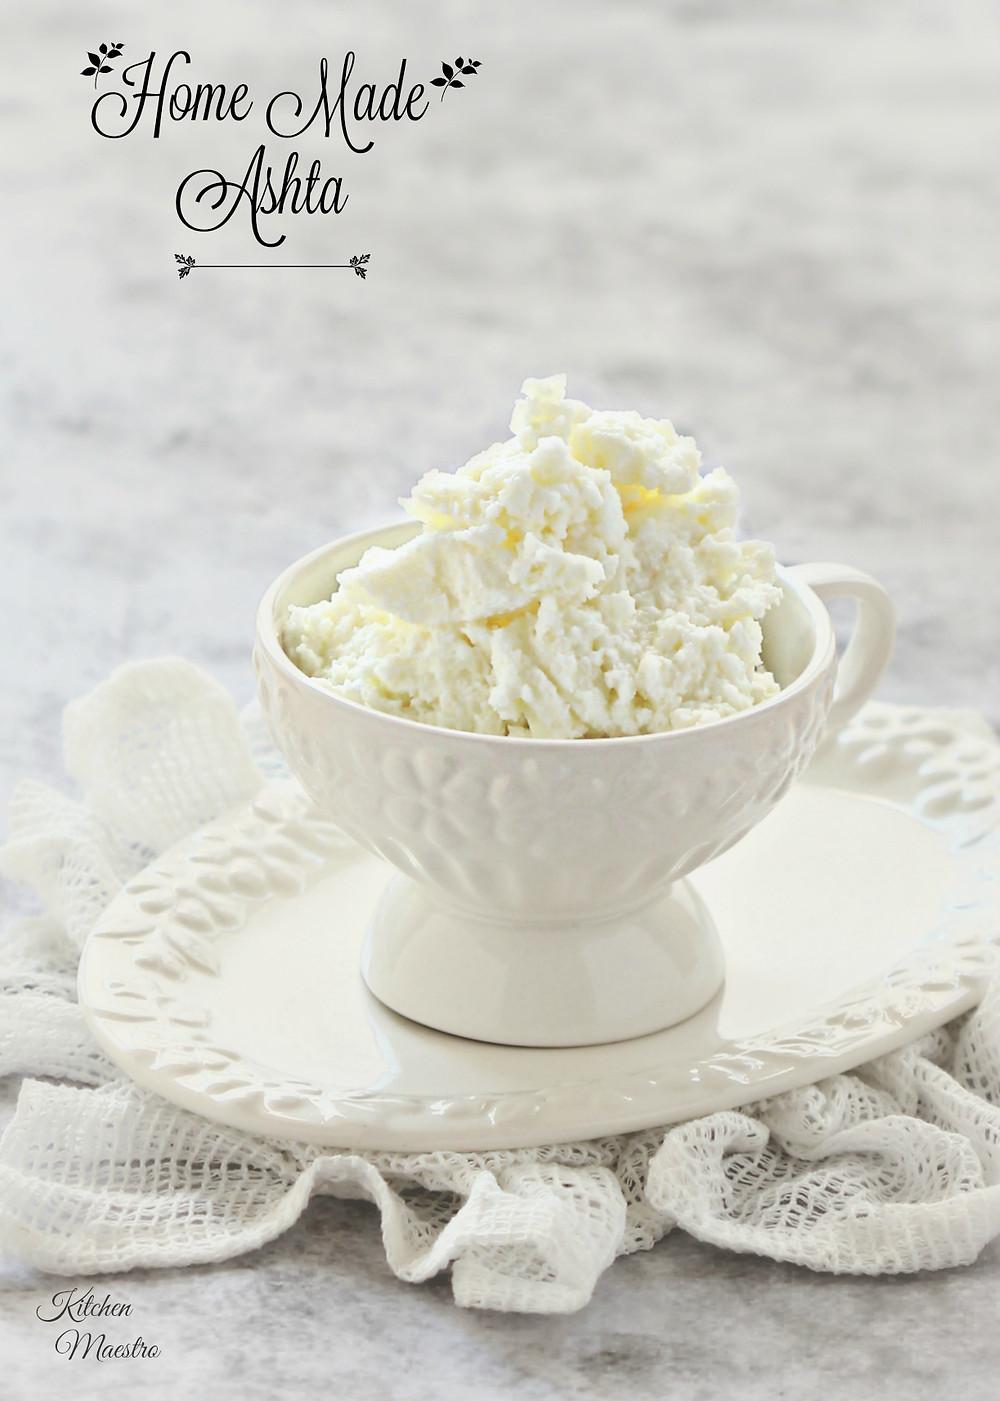 Ashta,clotted cream